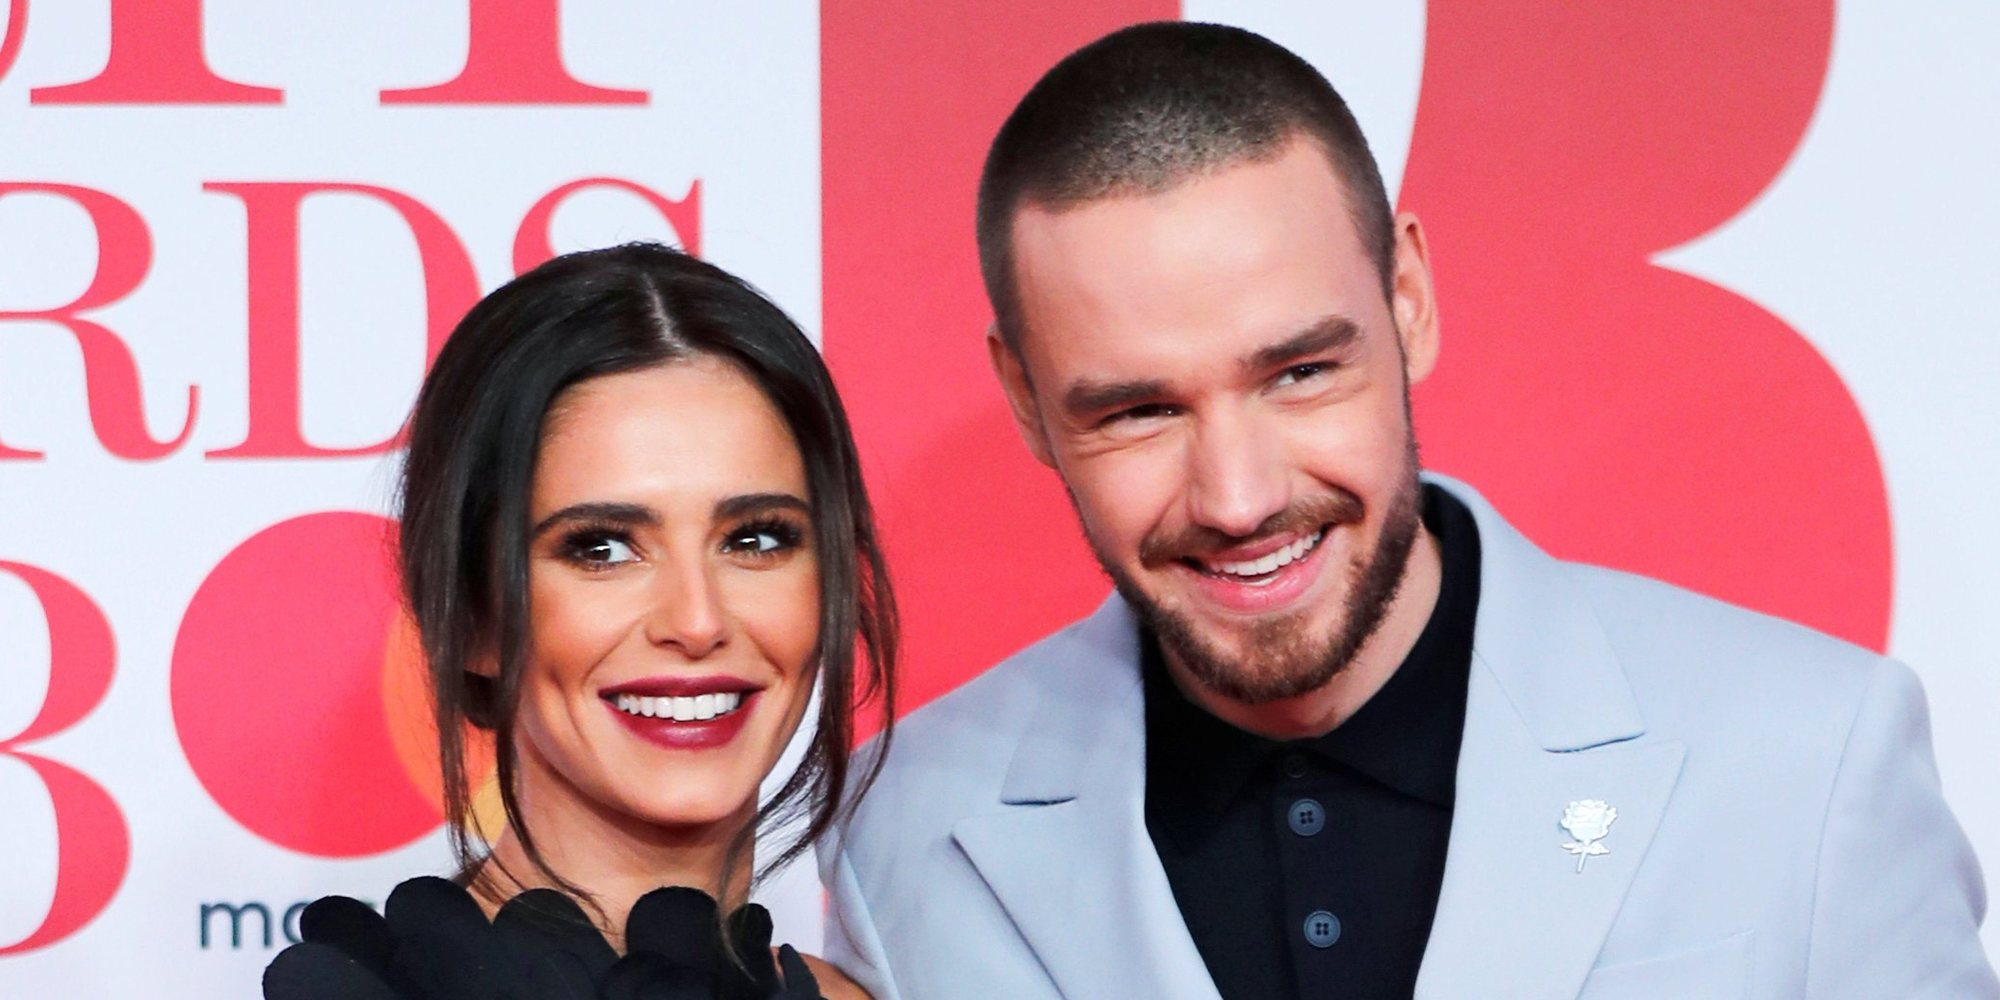 Liam Payne y Cheryl Cole rompen su noviazgo tras más de dos años y un hijo en común